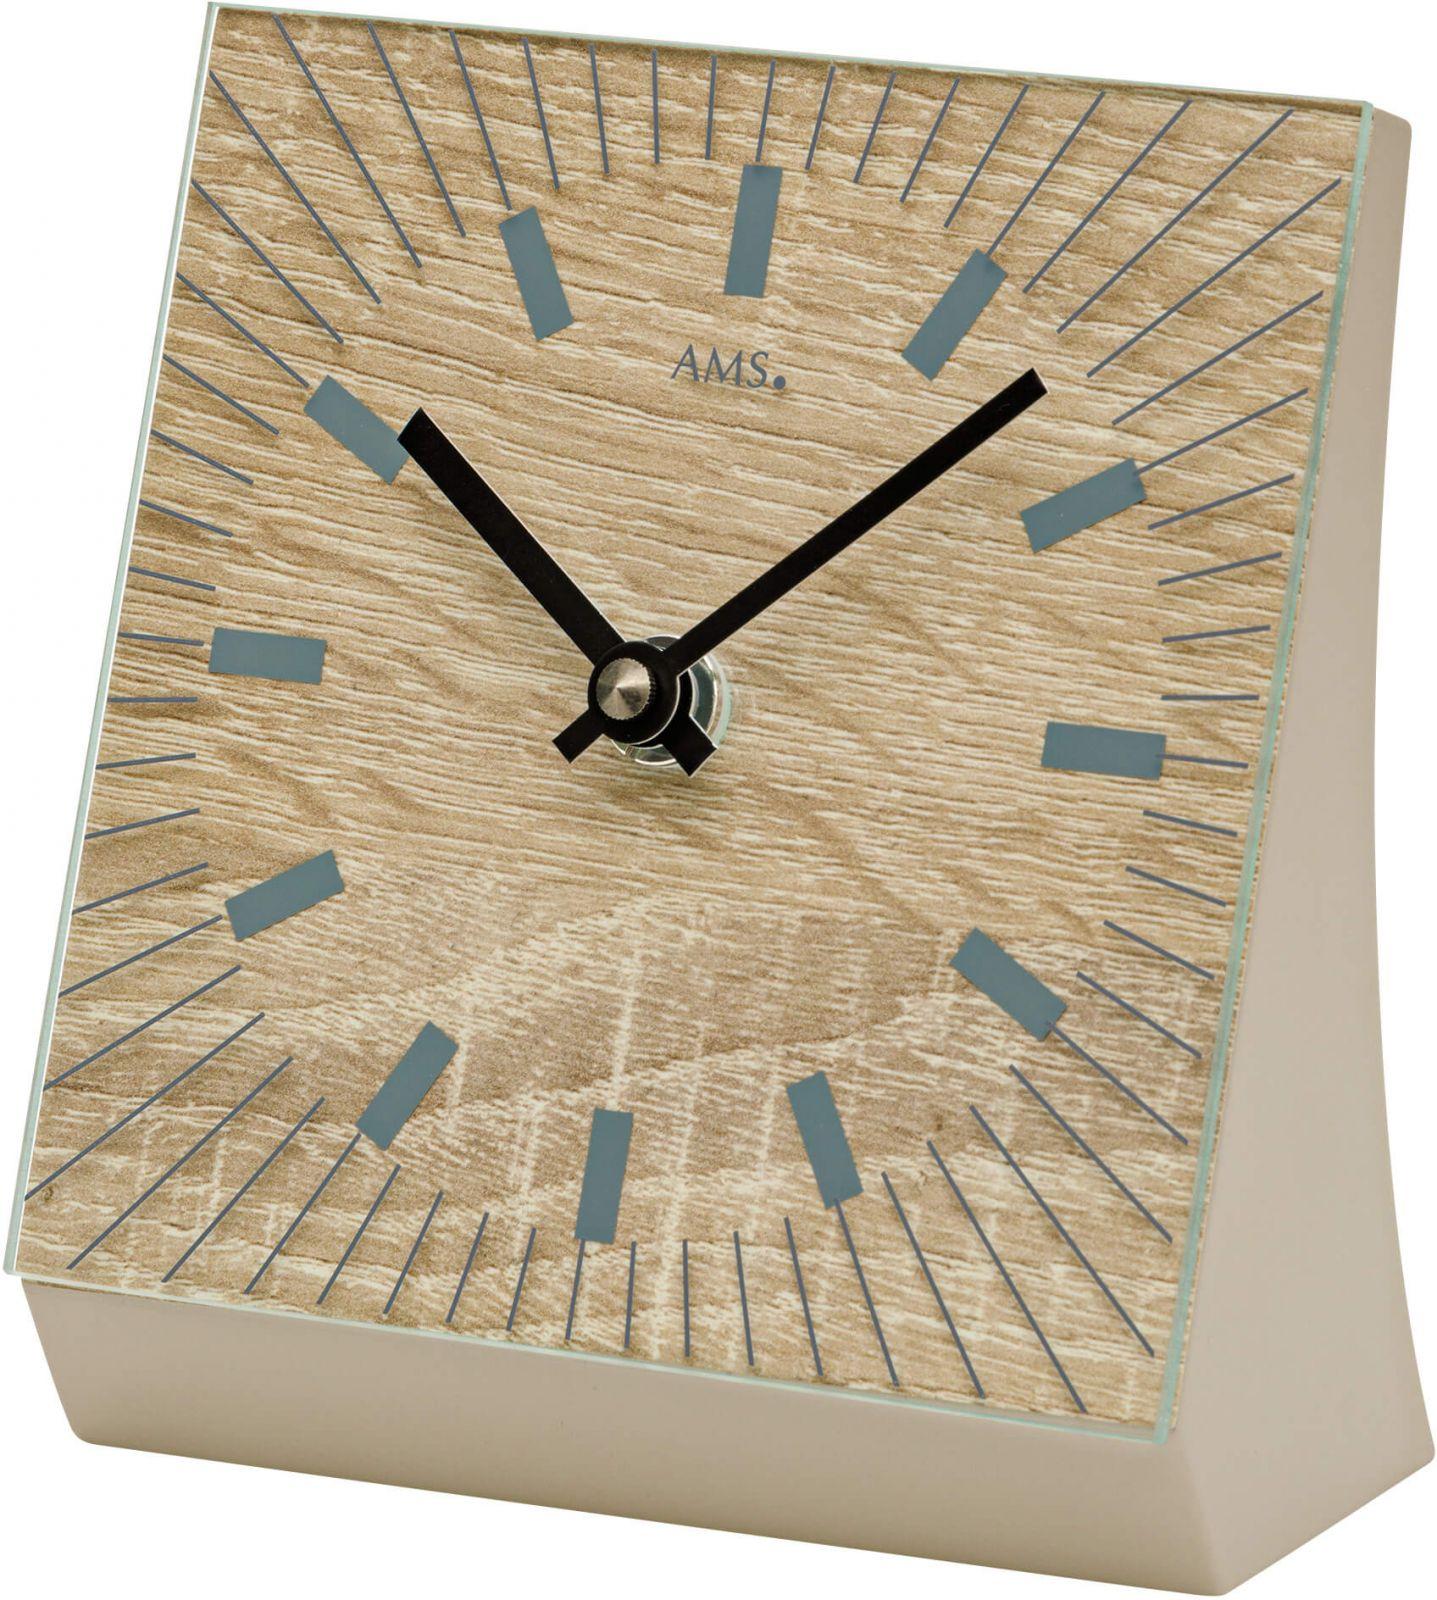 Stolní hodiny quartzové ams 1155 světlá hnědá